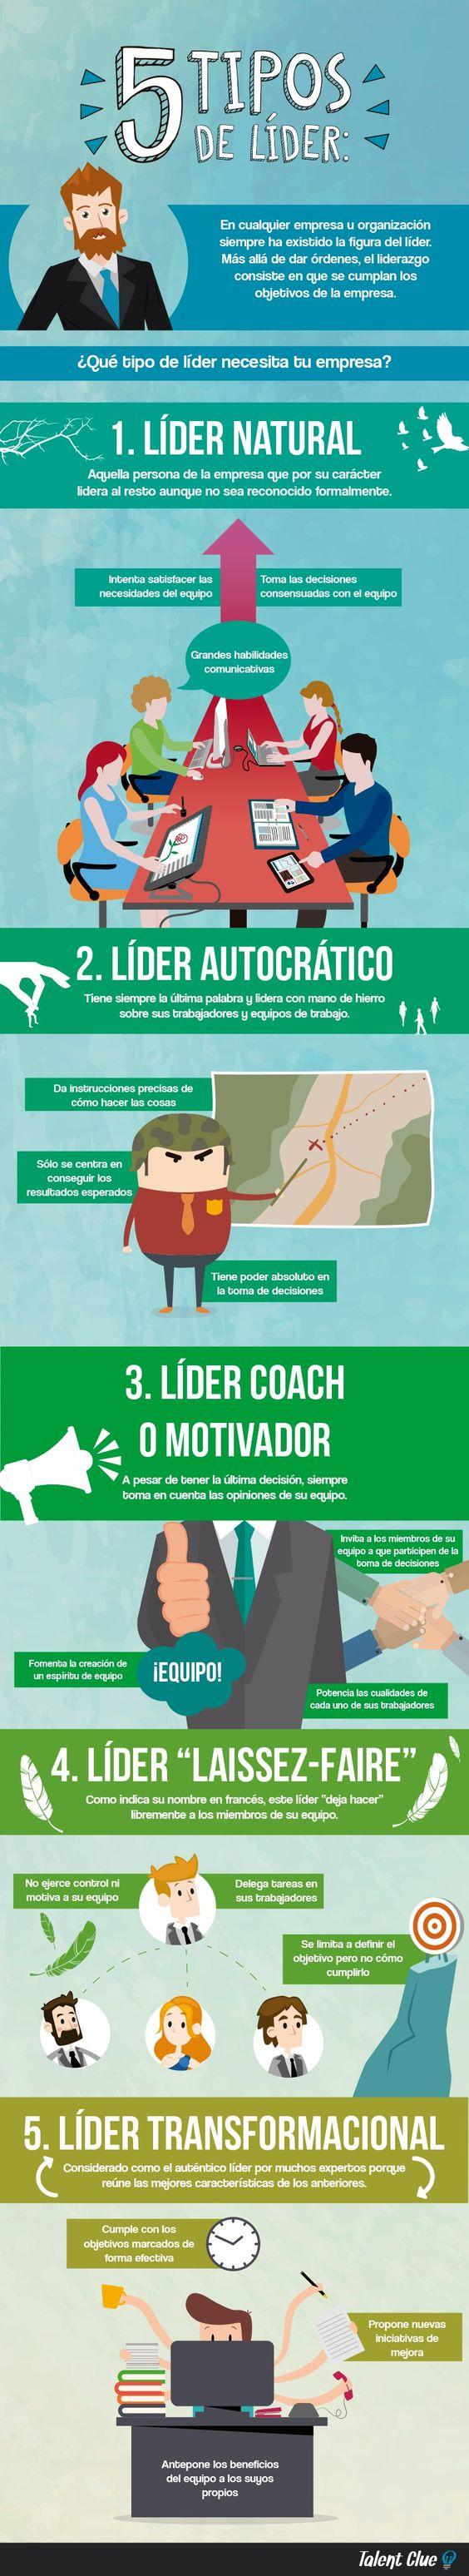 ¿Qué tipo de líder eres? Encuentra las áreas de oportunidad y supérate a ti mismo/a #MejoresPrácticas: